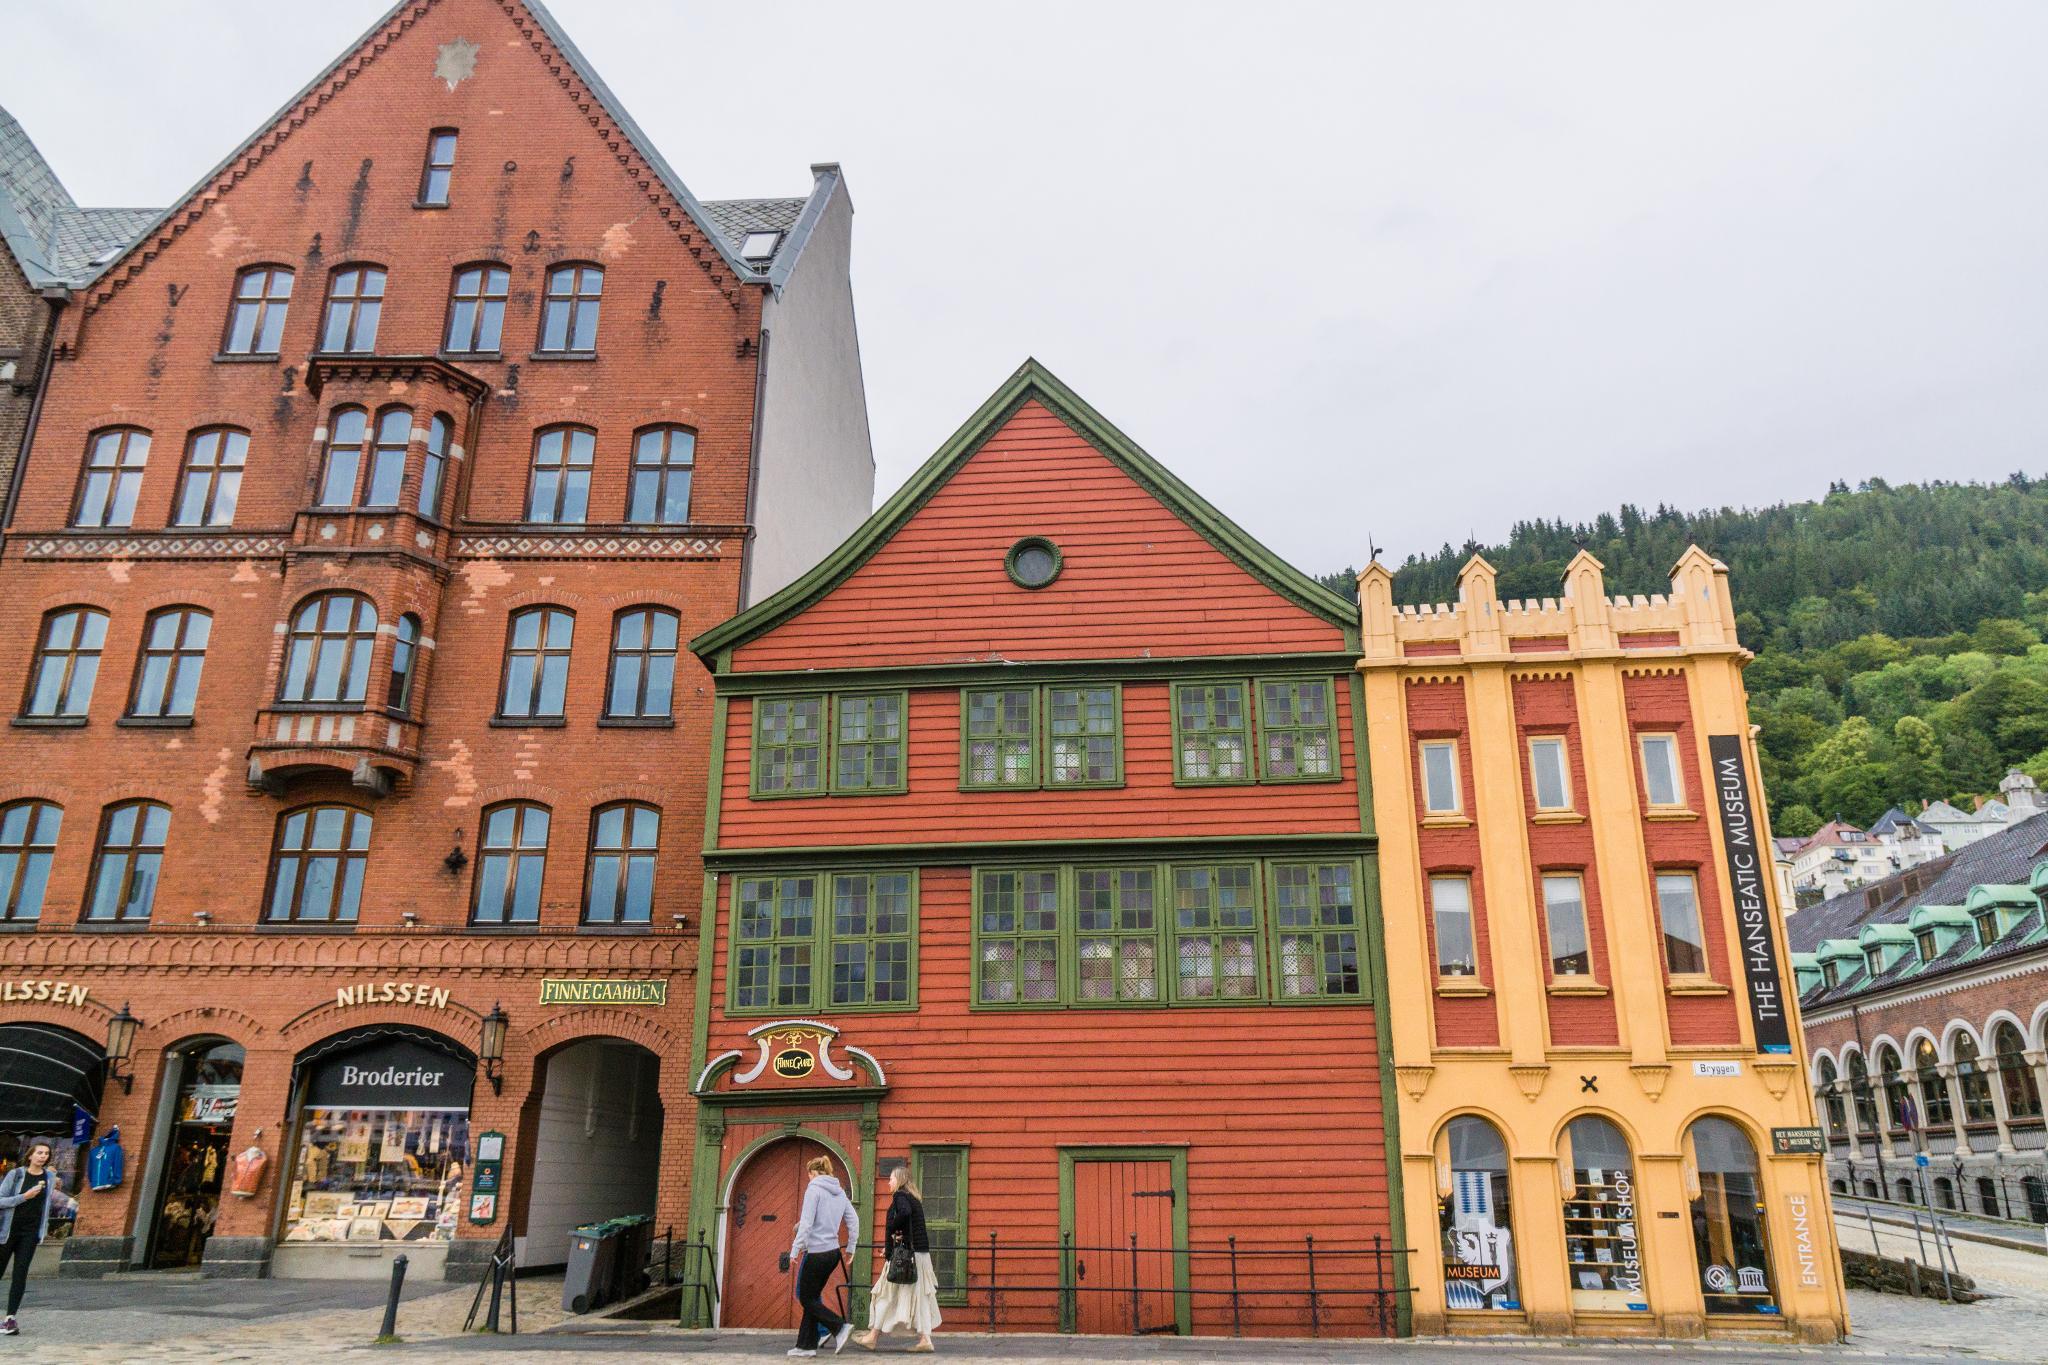 【卑爾根】童話北歐!卑爾根自由行景點全攻略 135